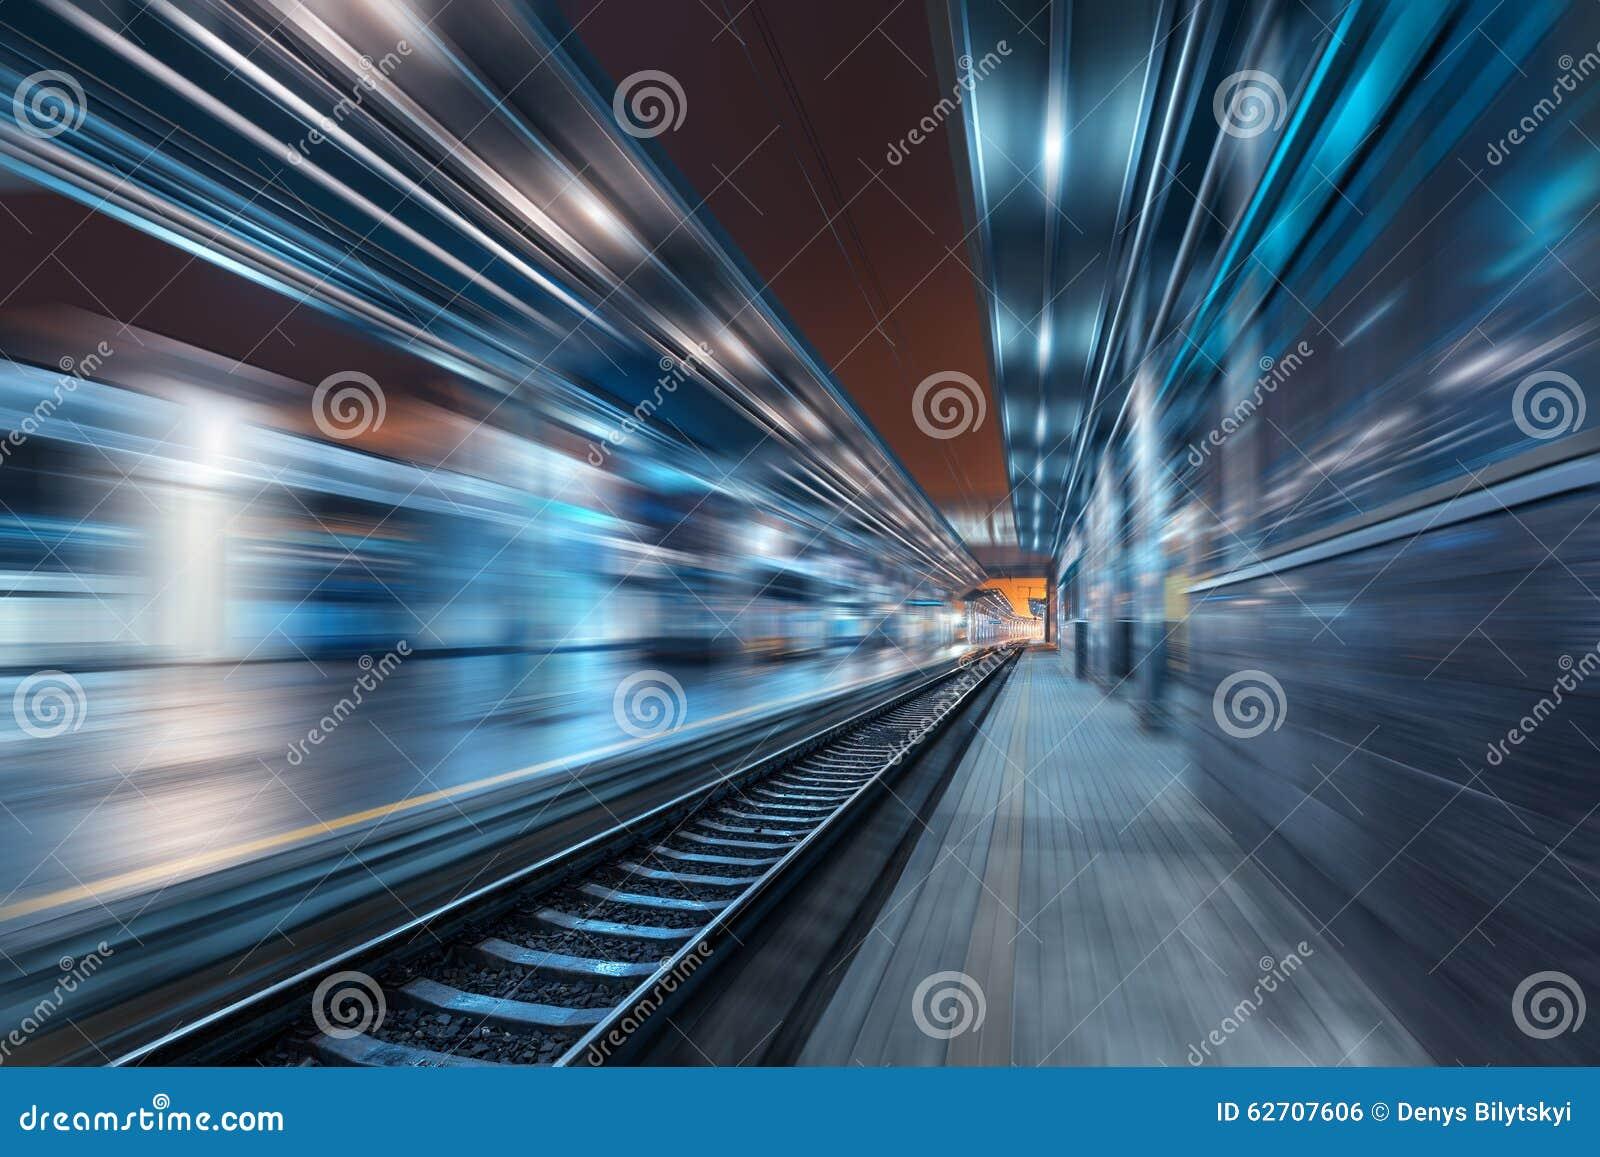 Σιδηροδρομικός σταθμός τη νύχτα με την επίδραση θαμπάδων κινήσεων σιδηρόδρομος